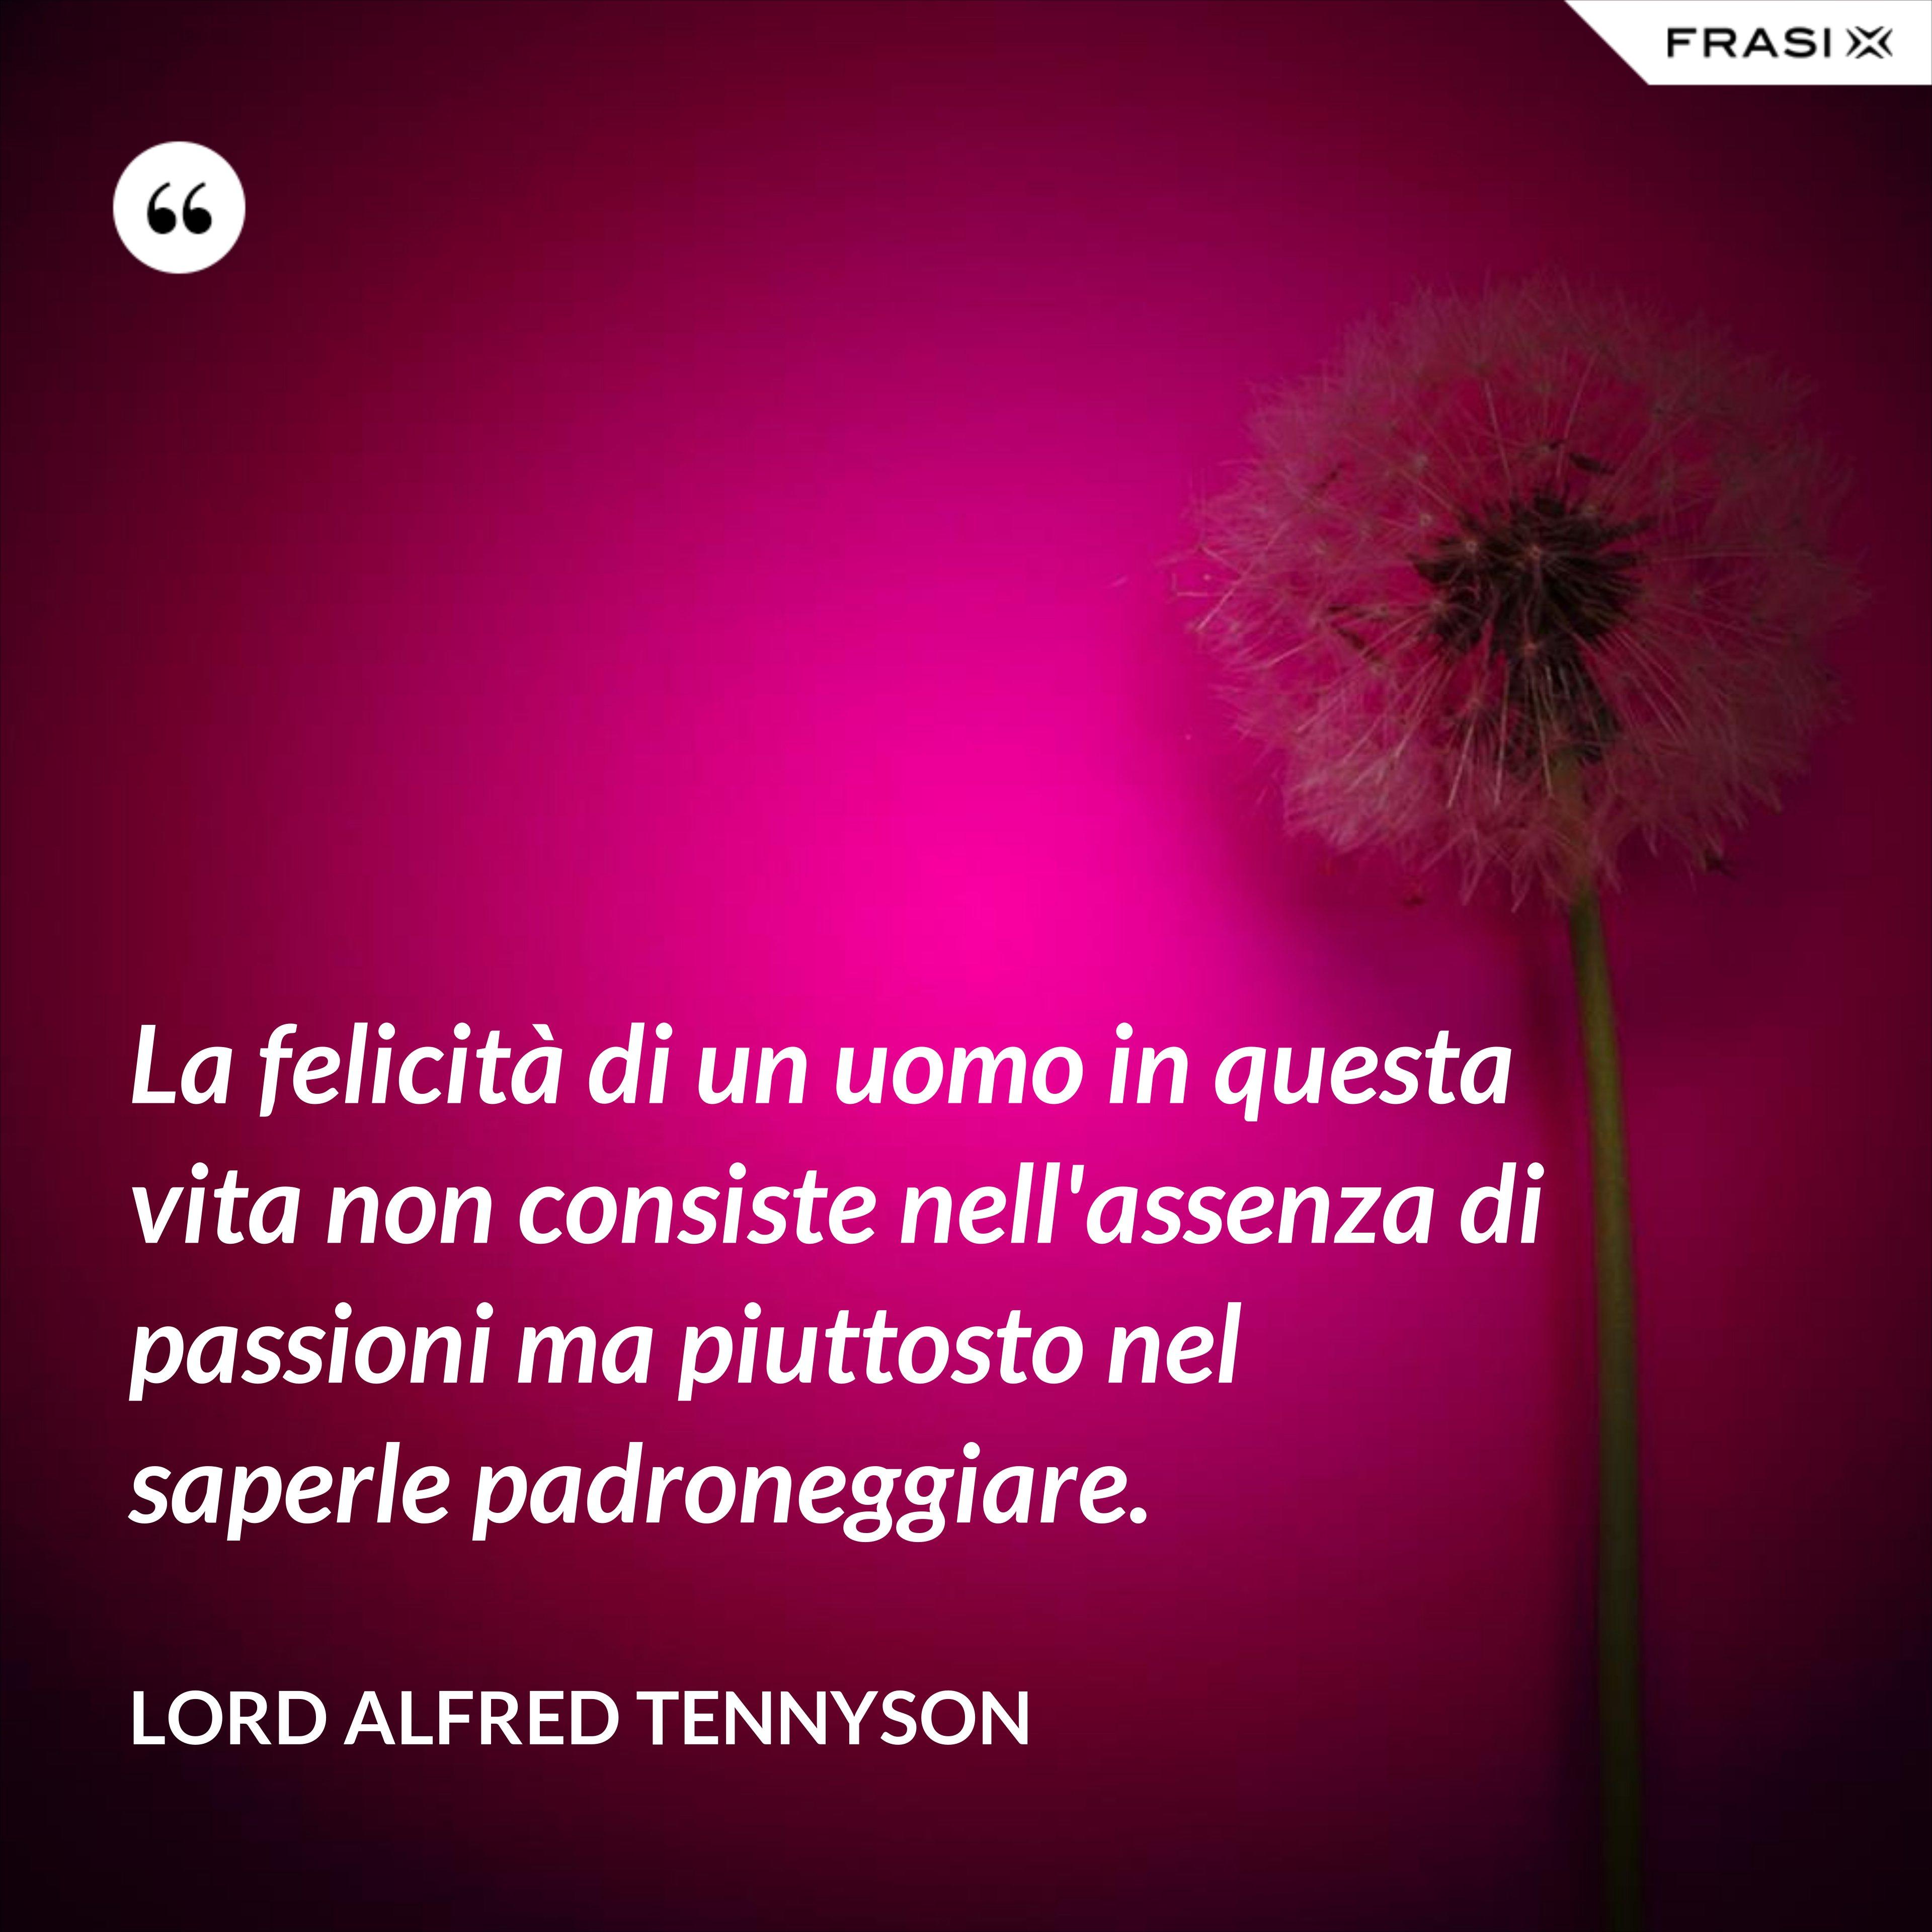 La felicità di un uomo in questa vita non consiste nell'assenza di passioni ma piuttosto nel saperle padroneggiare. - Lord Alfred Tennyson